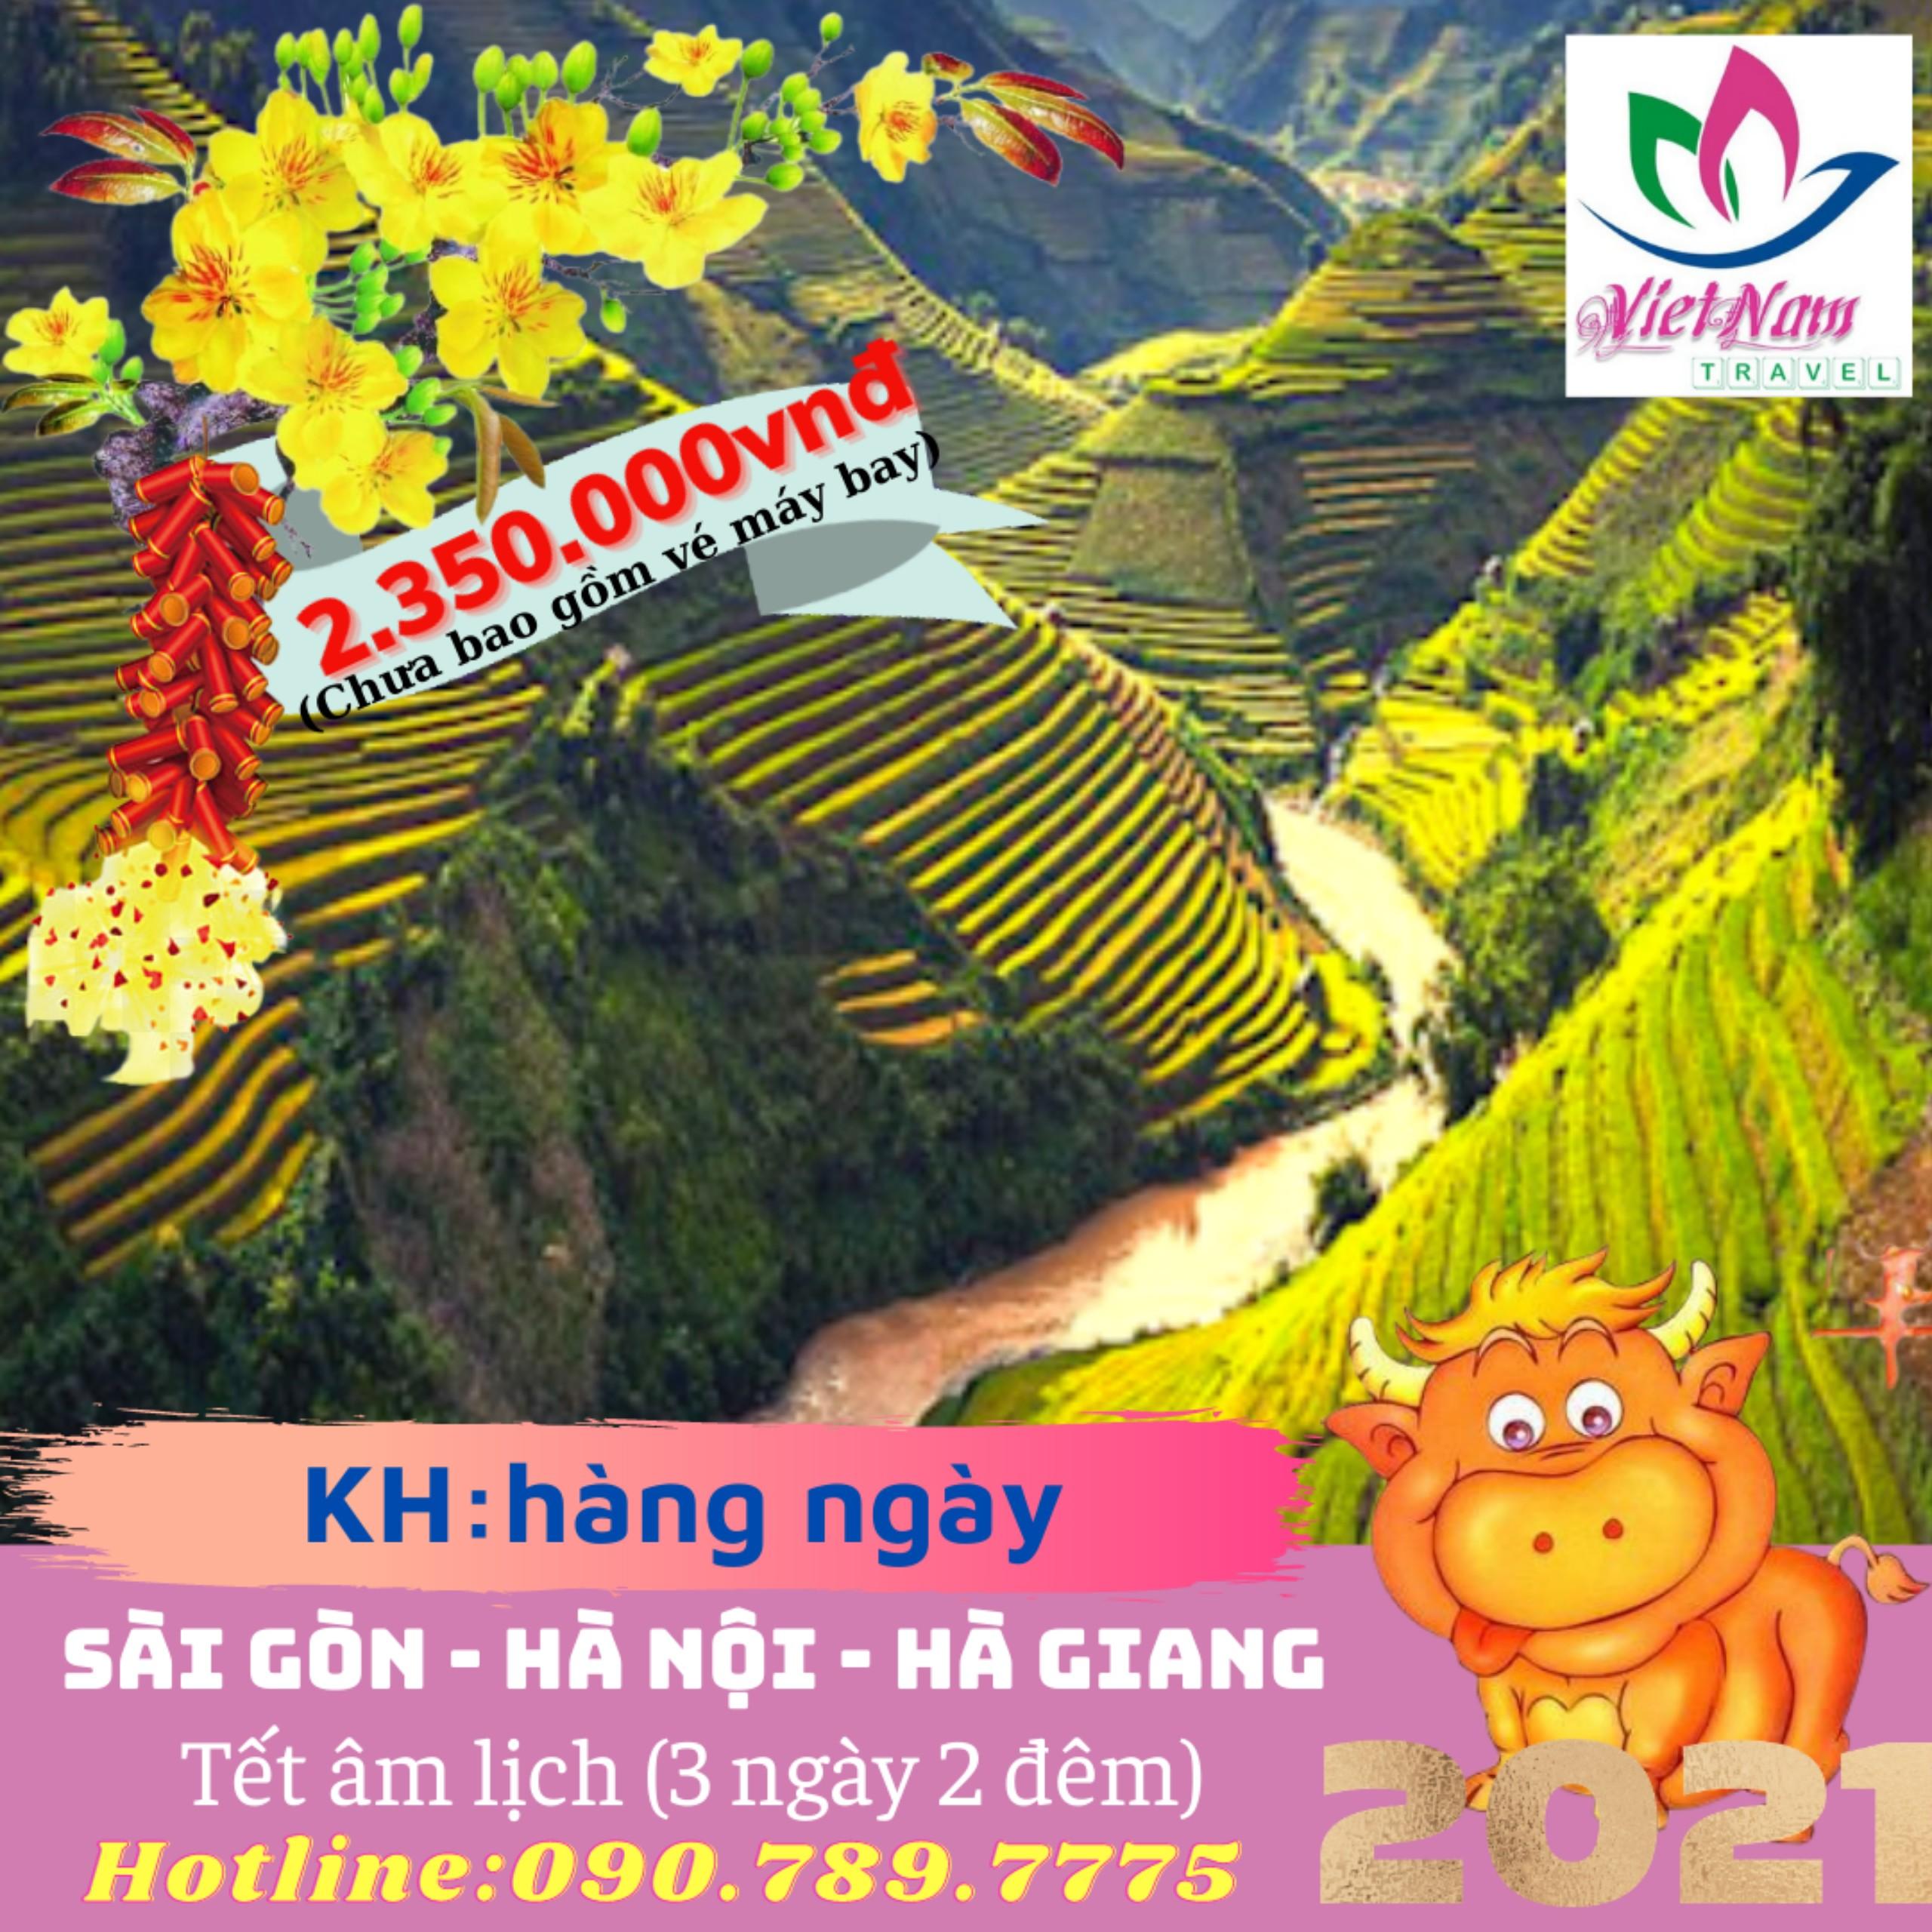 TOUR HÀ NỘI - HÀ GIANG